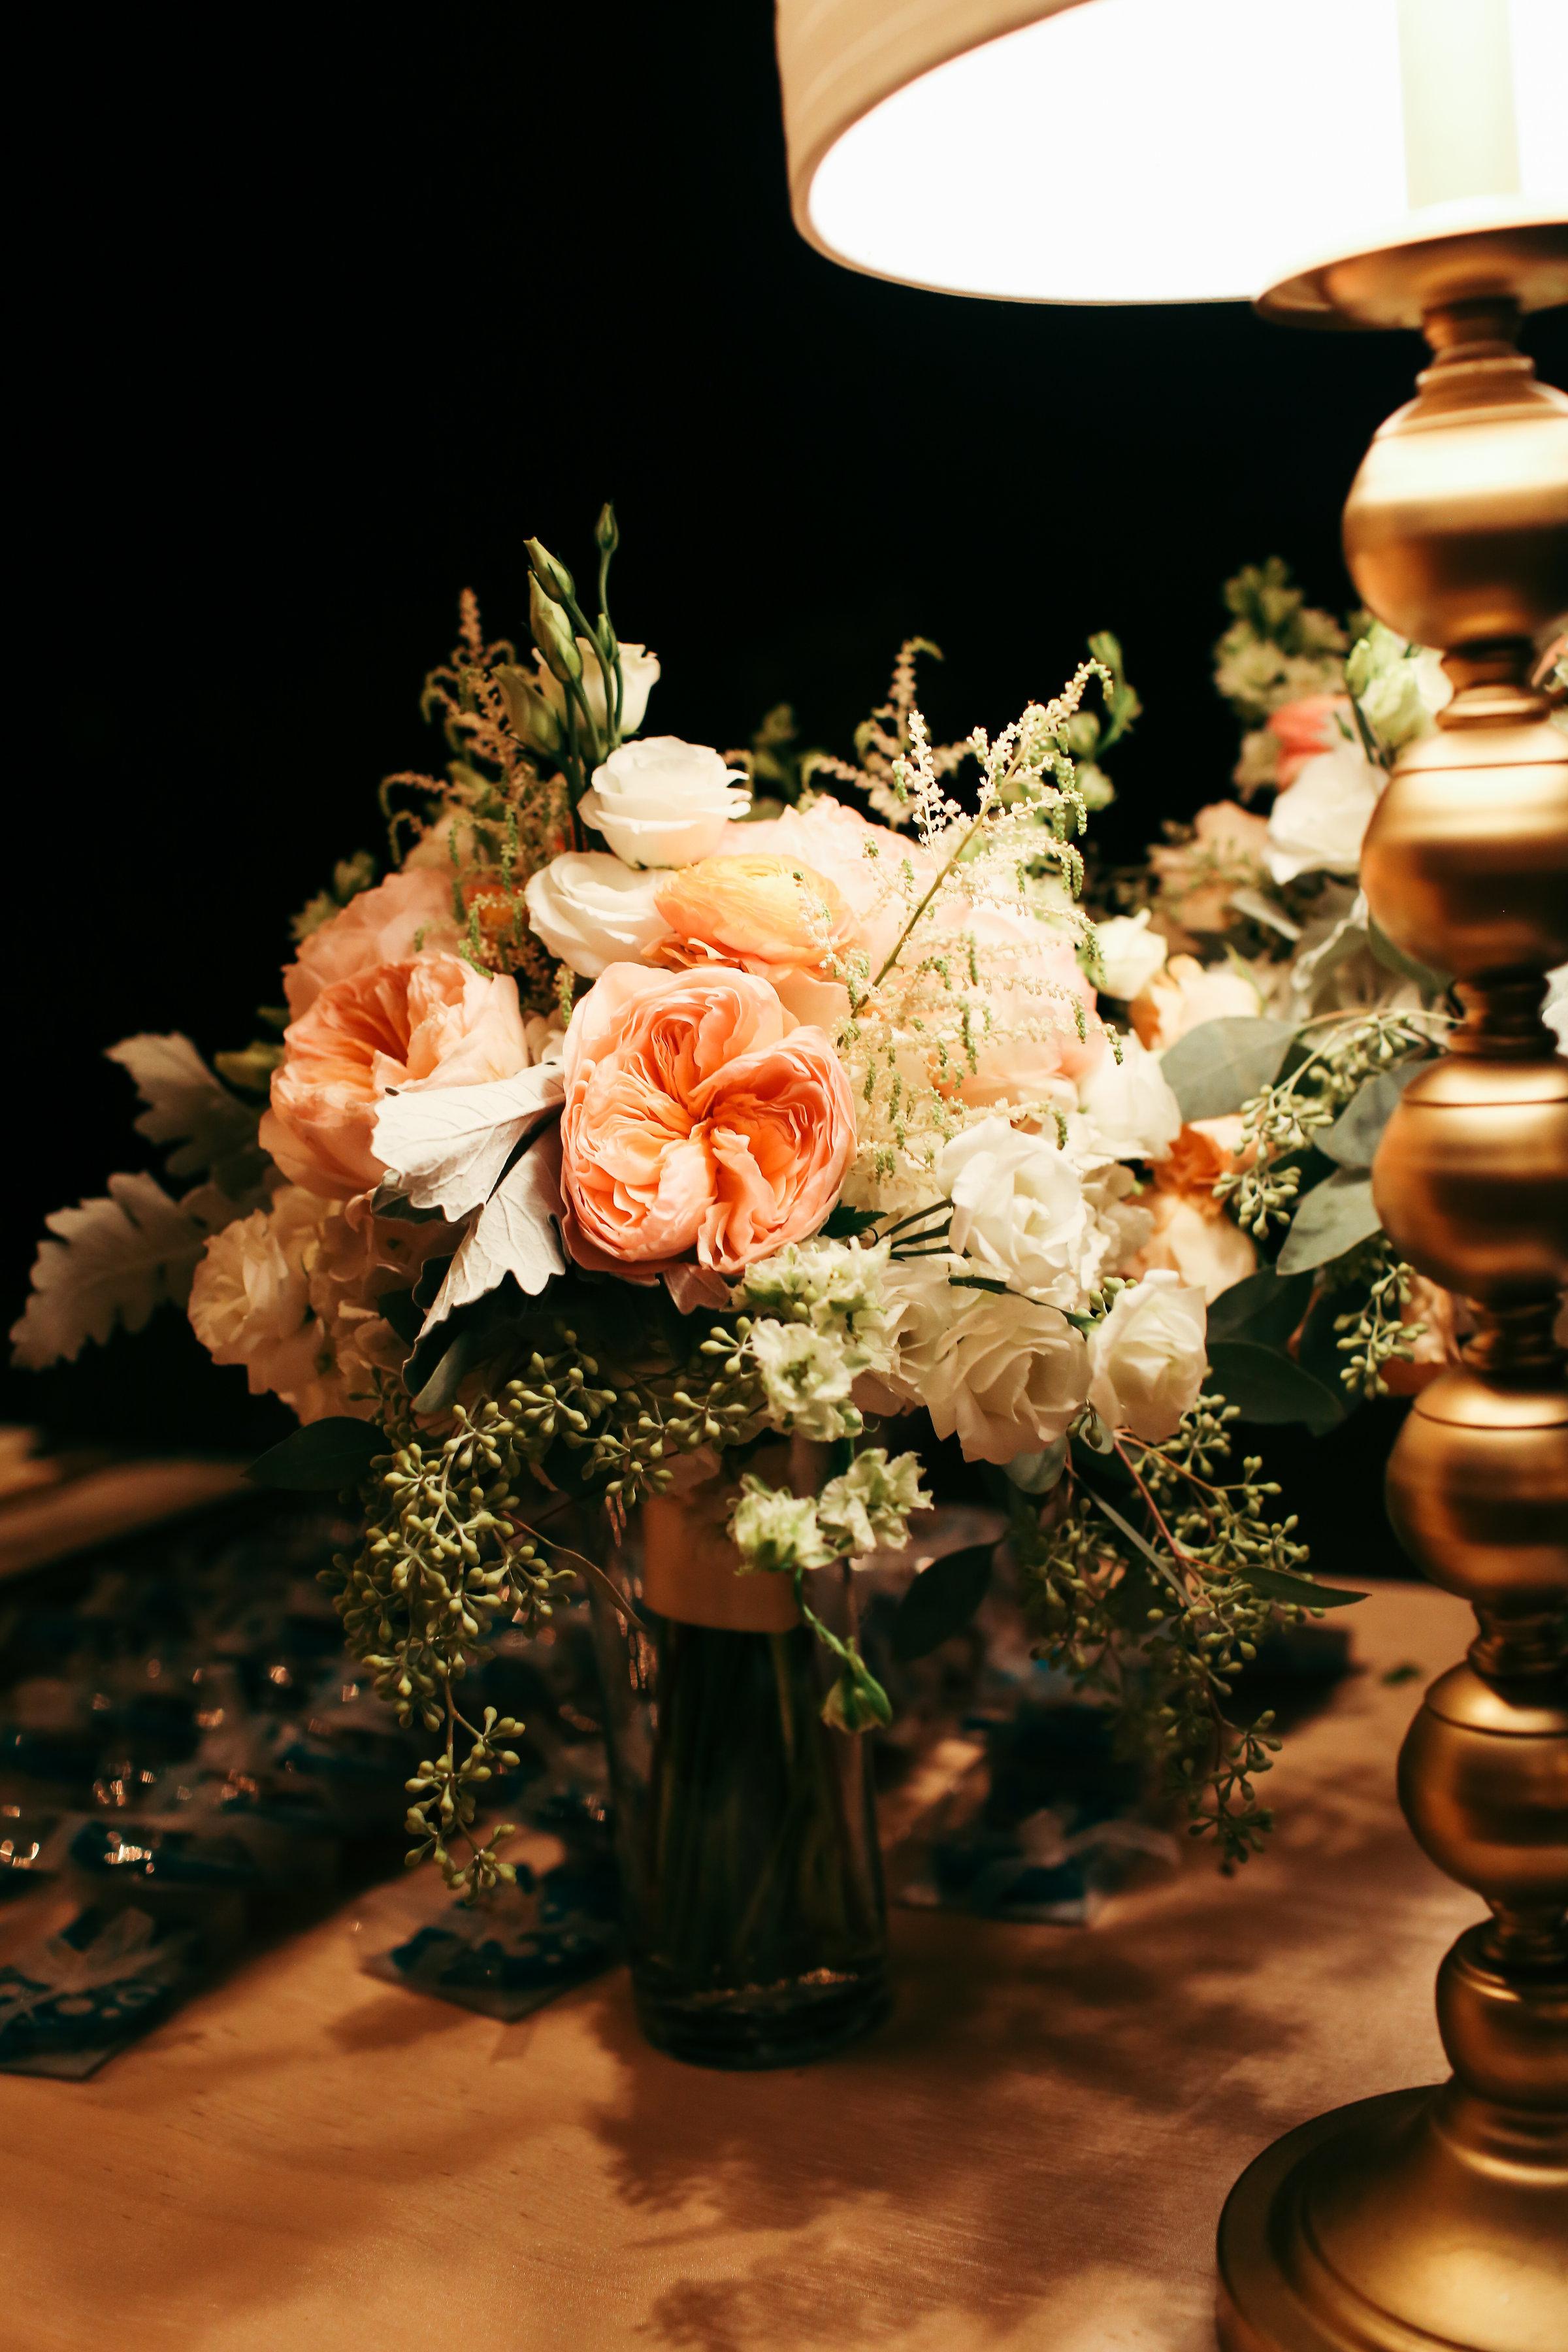 omni-hilton-head-wedding-61.jpg